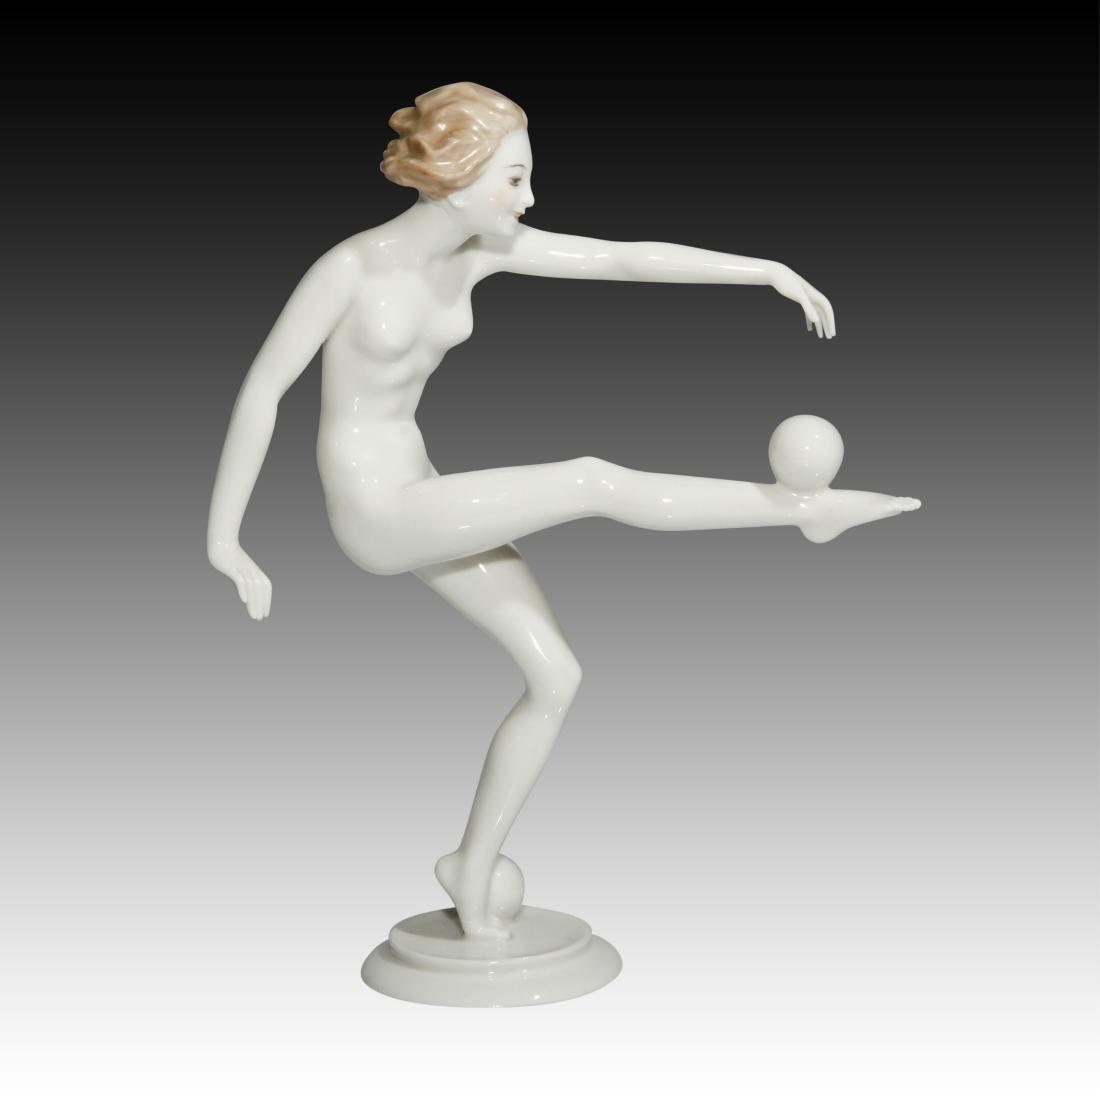 Hutschenreuther Girl Balancing a Ball Figurine